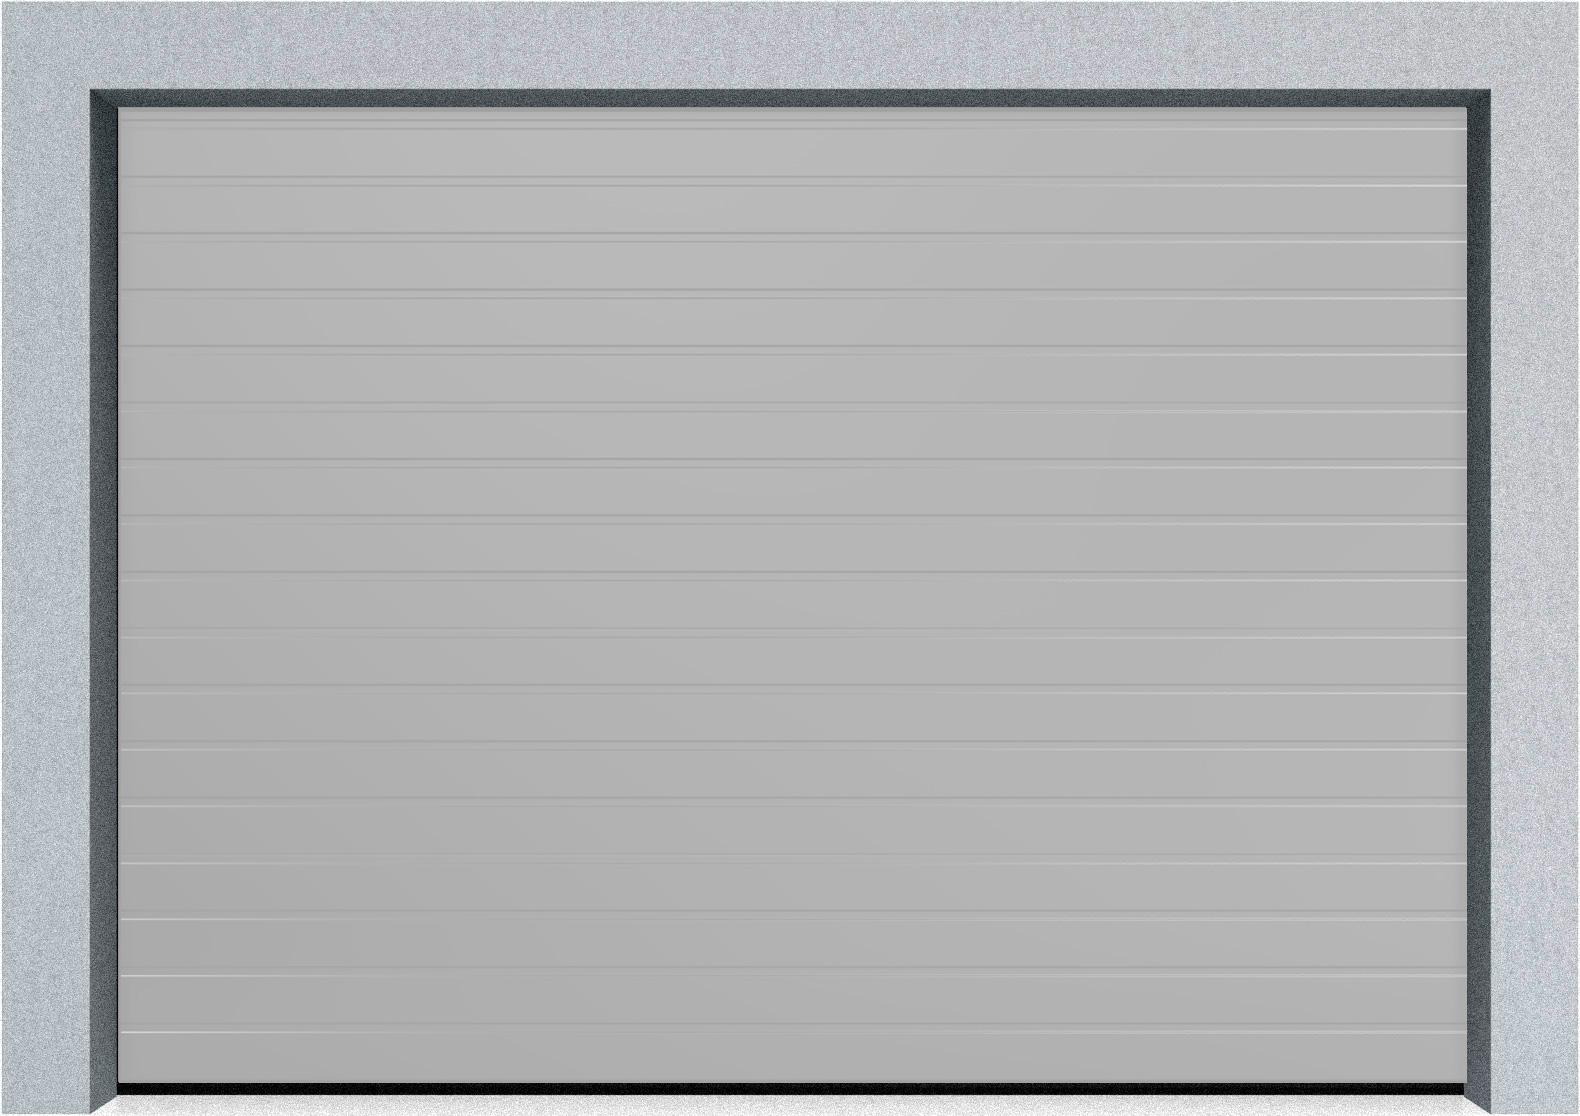 Секционные гаражные ворота Alutech Trend 1875x2250 S-гофр, Микроволна стандартные цвета, пружины растяжения, фото 8